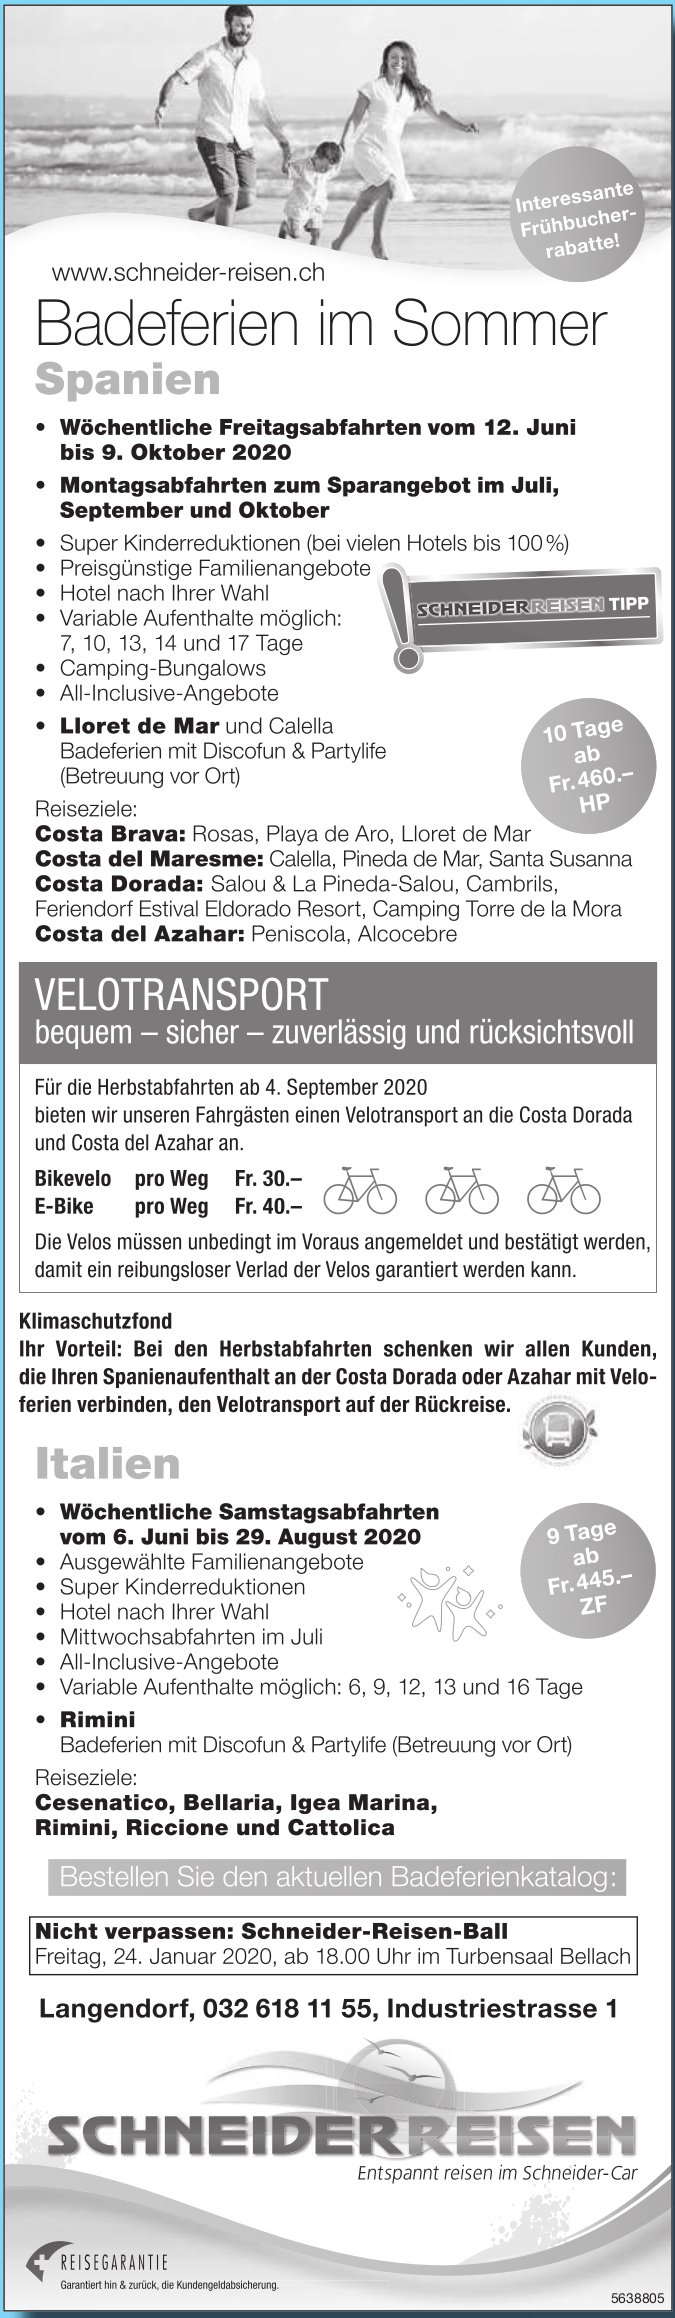 Schneider Reisen - Programm & Events